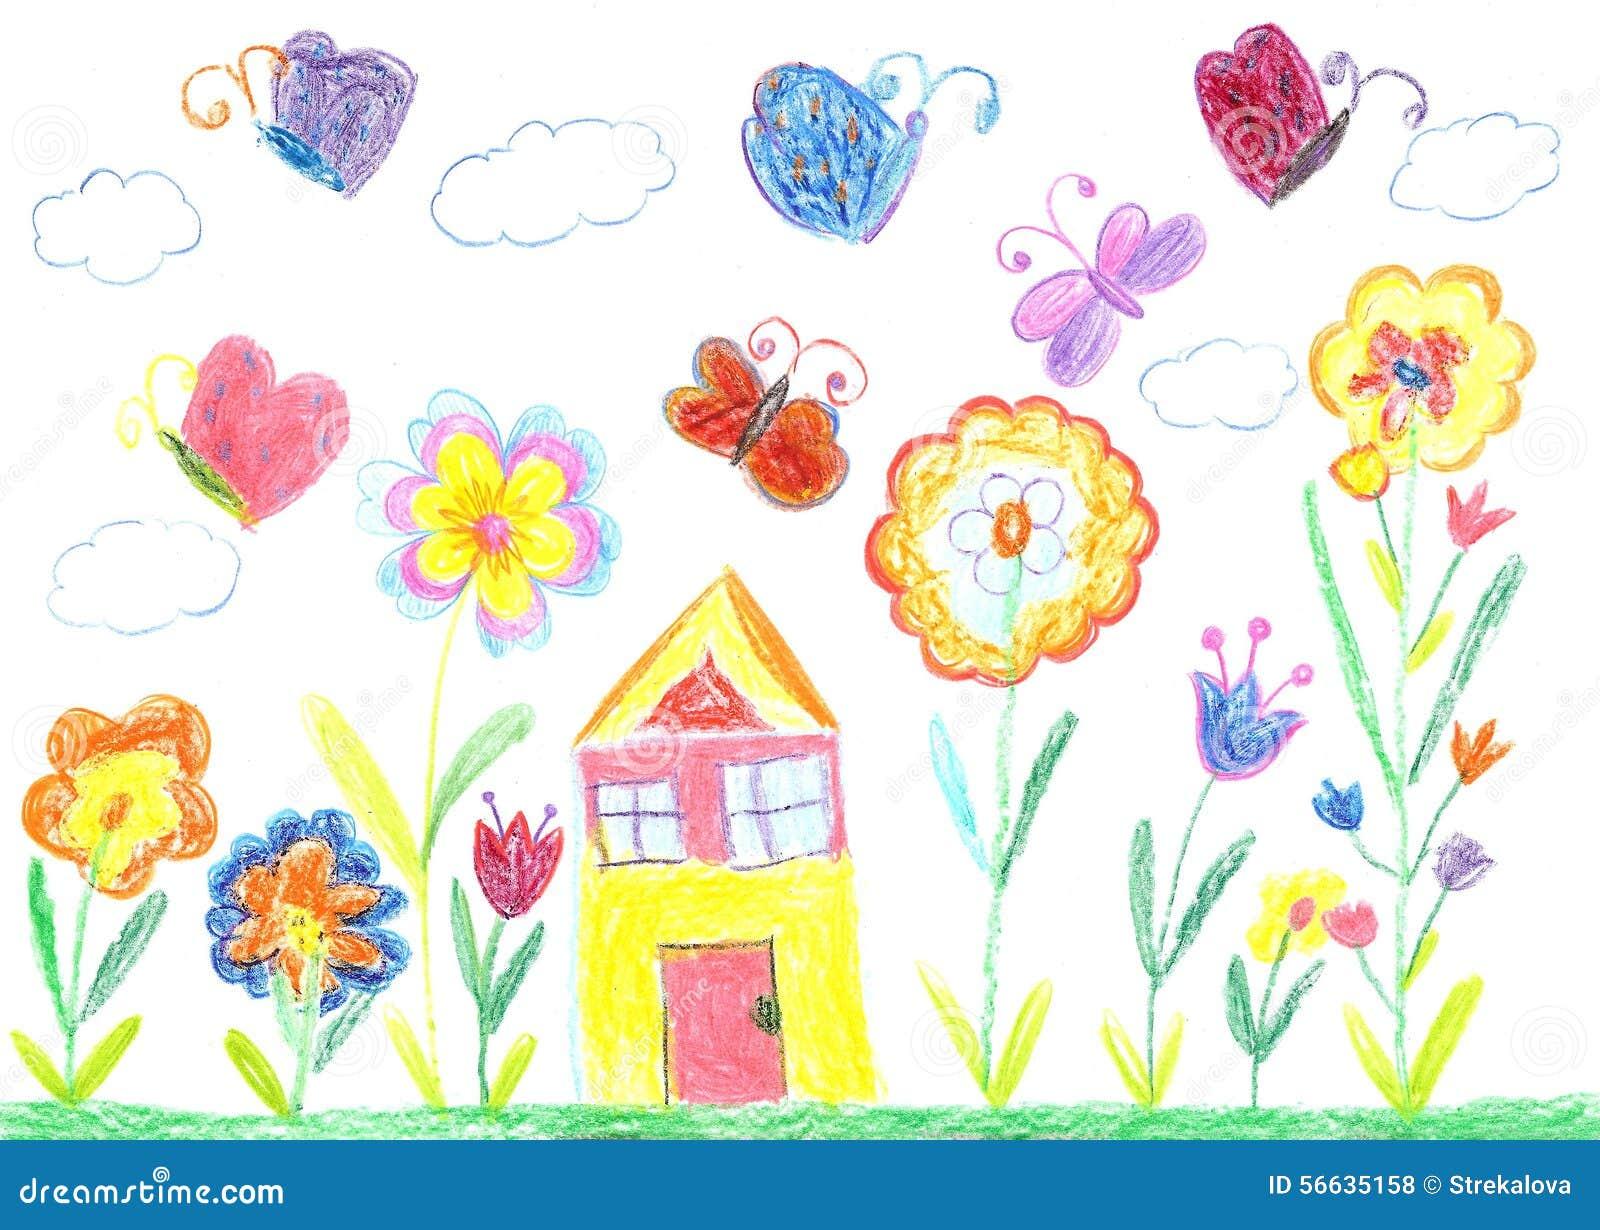 dessin d 39 enfant d 39 une maison photo stock image 56635158. Black Bedroom Furniture Sets. Home Design Ideas